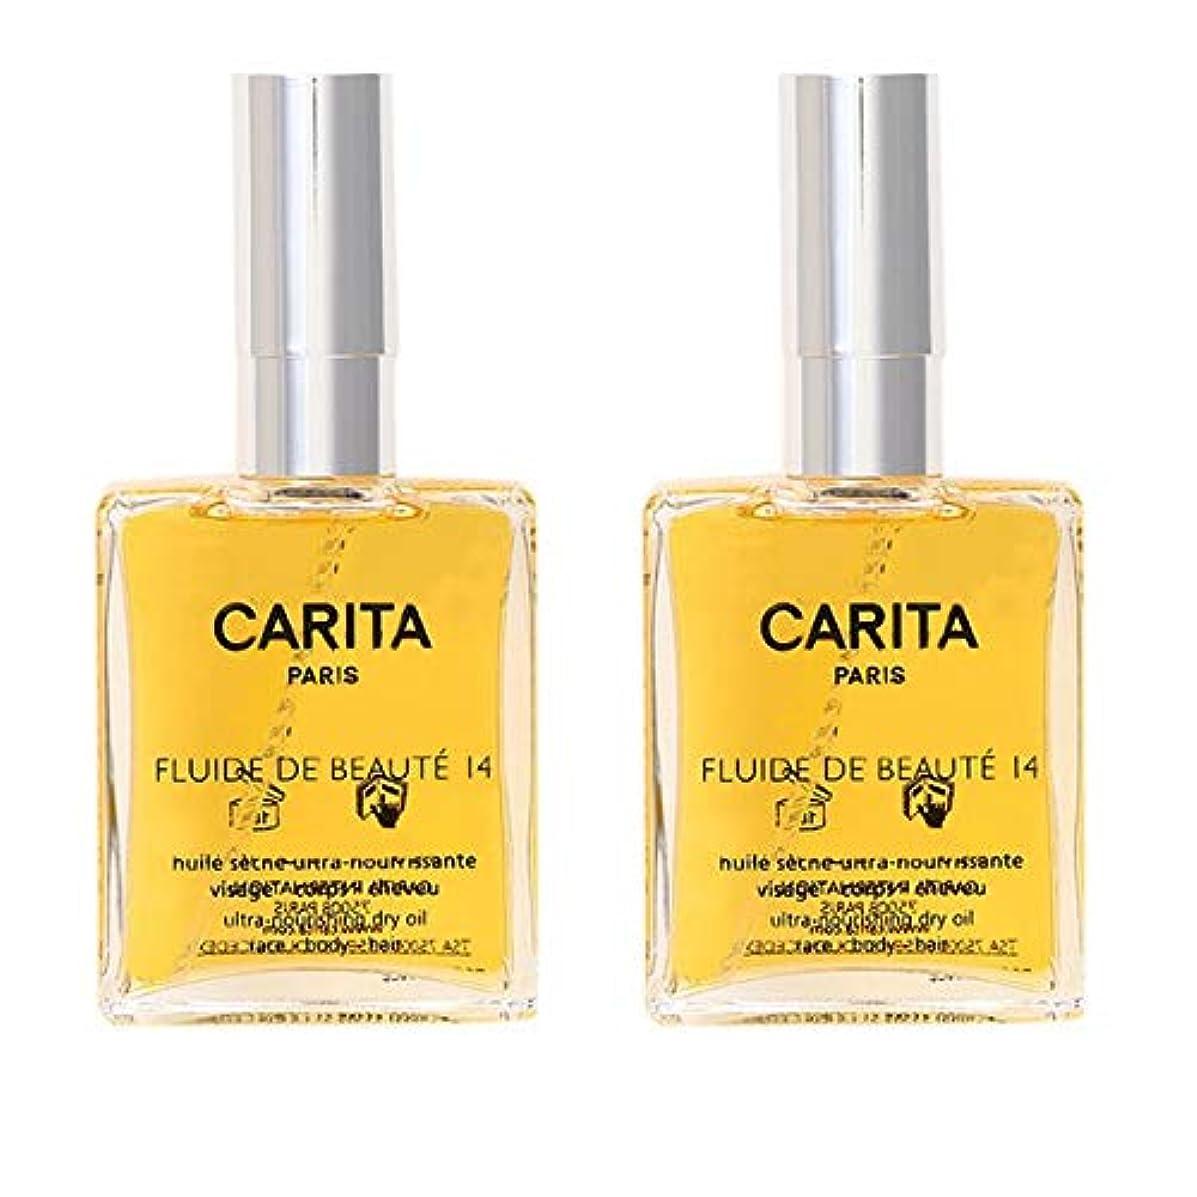 水っぽい和レベルカリタ CARITA カリタ 14 (コスメティックオイル) 100mL 2個セット [並行輸入品]